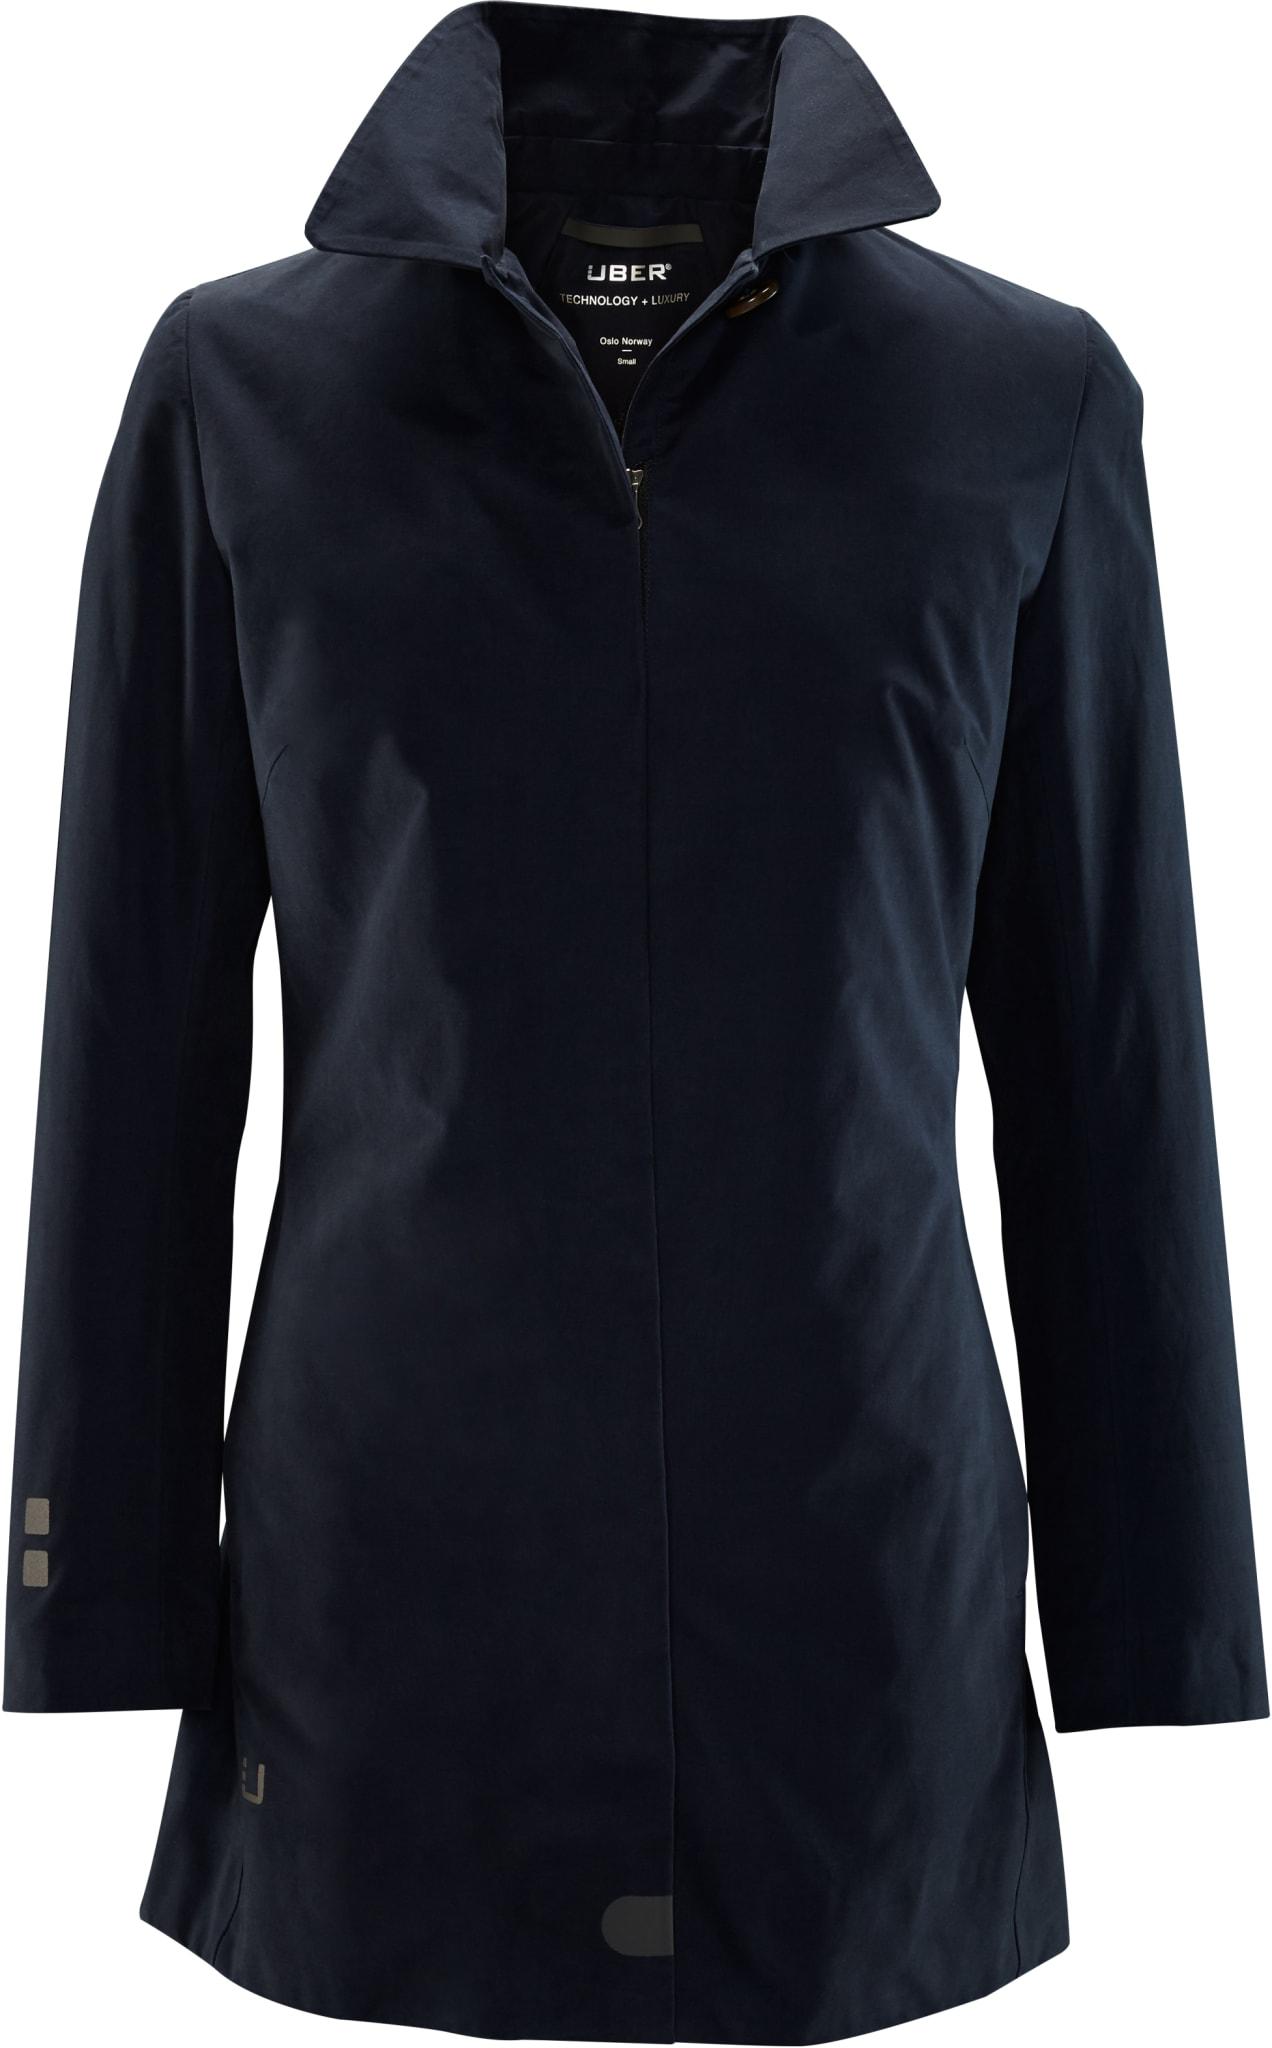 Klassisk, elegant frakk i kjent UBR-kvalitet